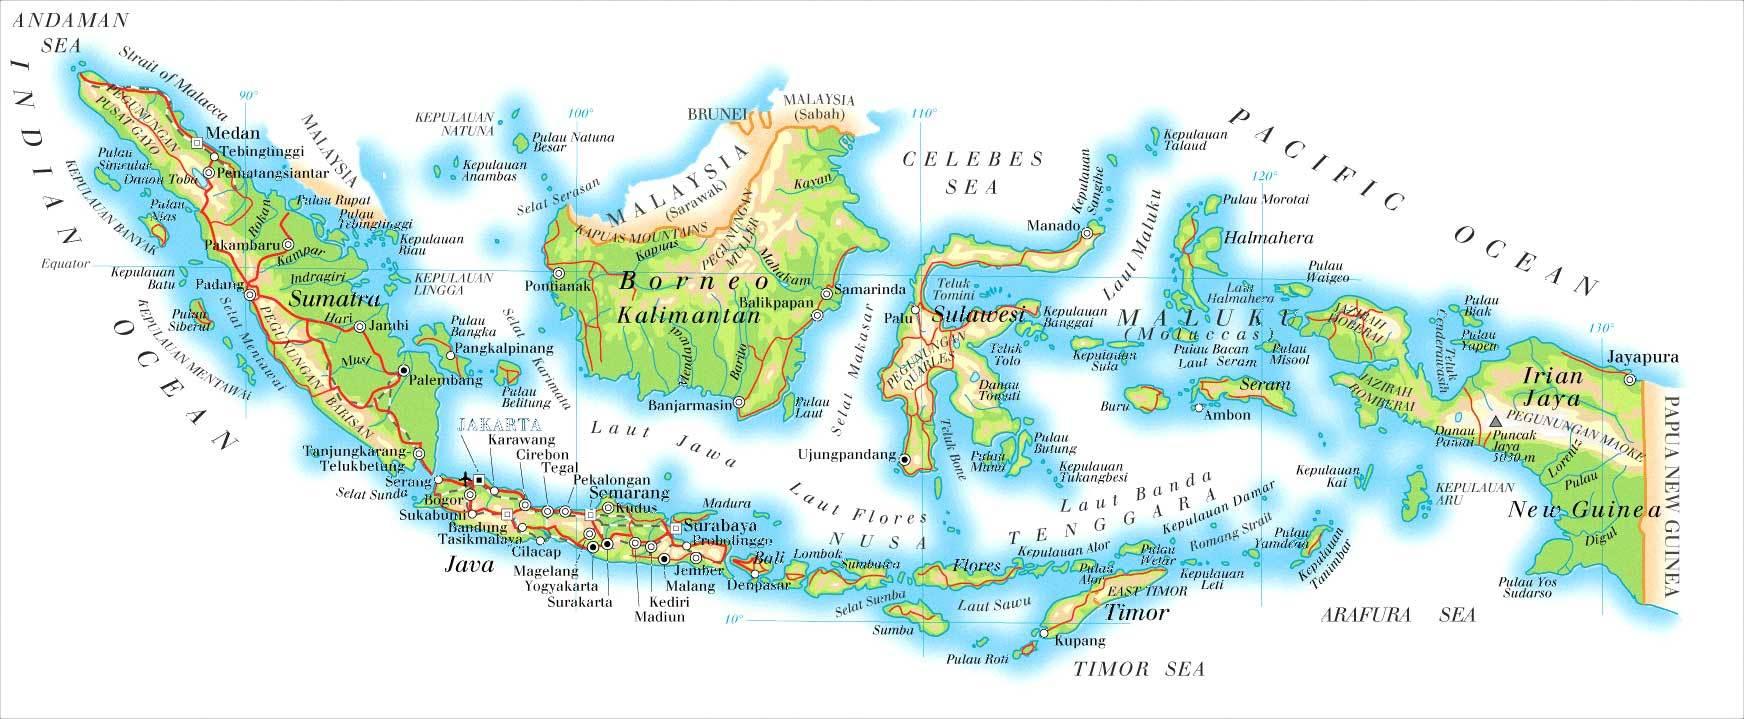 在公历纪元前后,印度尼西亚是海上交通的要冲,居民都为印度人,主要信仰婆罗门教。5世纪初,法显去耶婆提(今苏门答腊及爪哇)时,据他著的《佛国记》所载,当地盛行婆罗门教,但亦有少量的佛教。稍后,印僧求那跋摩赴华,路经阇婆时,已见佛教甚为流行。据中国史籍《宋书》、《南史》和《梁书》的记载,5世纪中叶至6世纪上半叶,苏门答腊、爪哇和巴厘等地已广信佛法,崇仰三宝。7世纪末,在苏门答腊地区建立了室利佛逝王国。中国高僧义净往返印度时都在此落脚,据其所述该地大小乘并举;但从出土的文物看,密教系的观世音菩萨和多罗菩萨信仰也